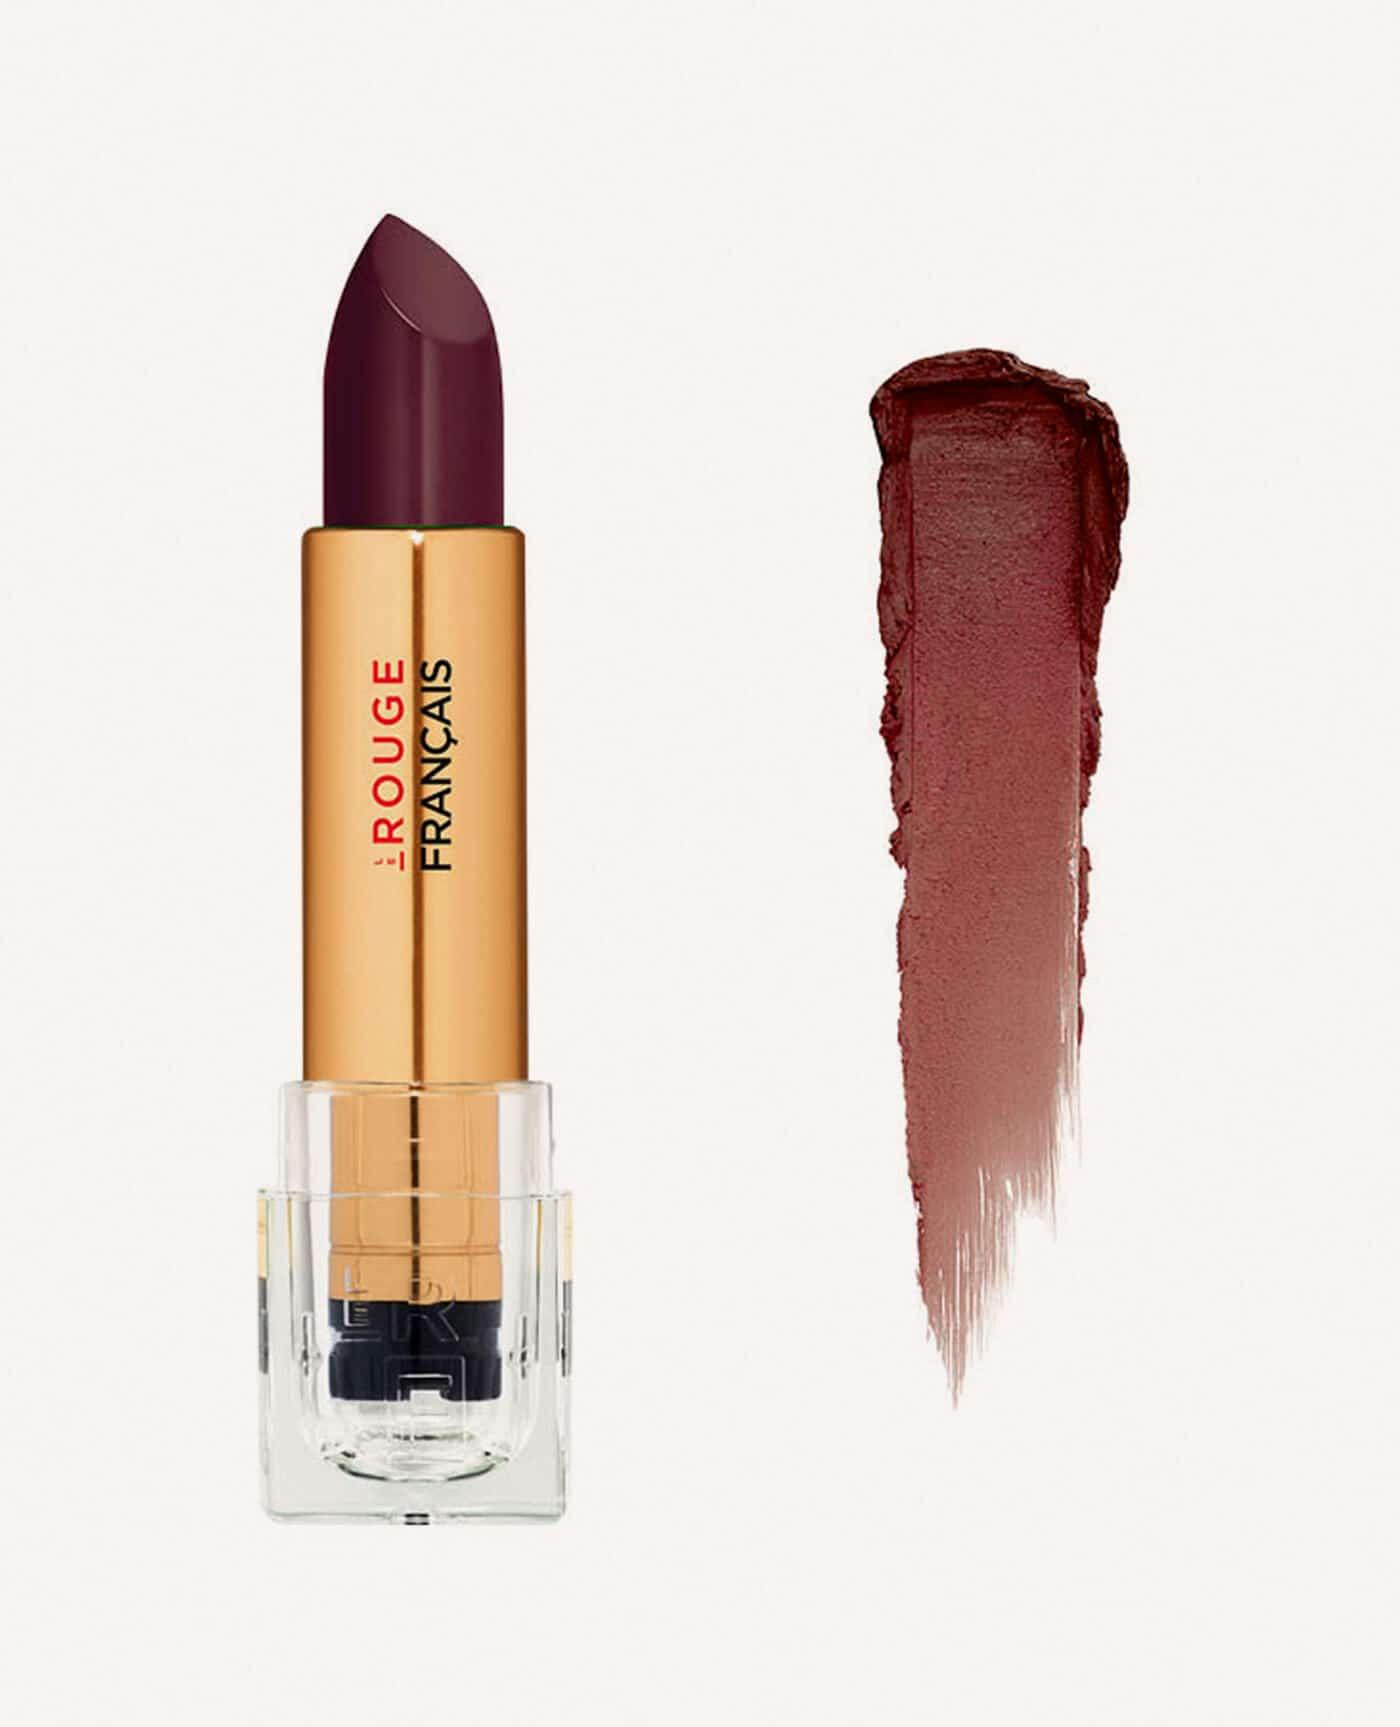 Rouge à lèvres rechargeable Hanahasu bio et vegan couleur brun de la marque Le rouge Français Made in France